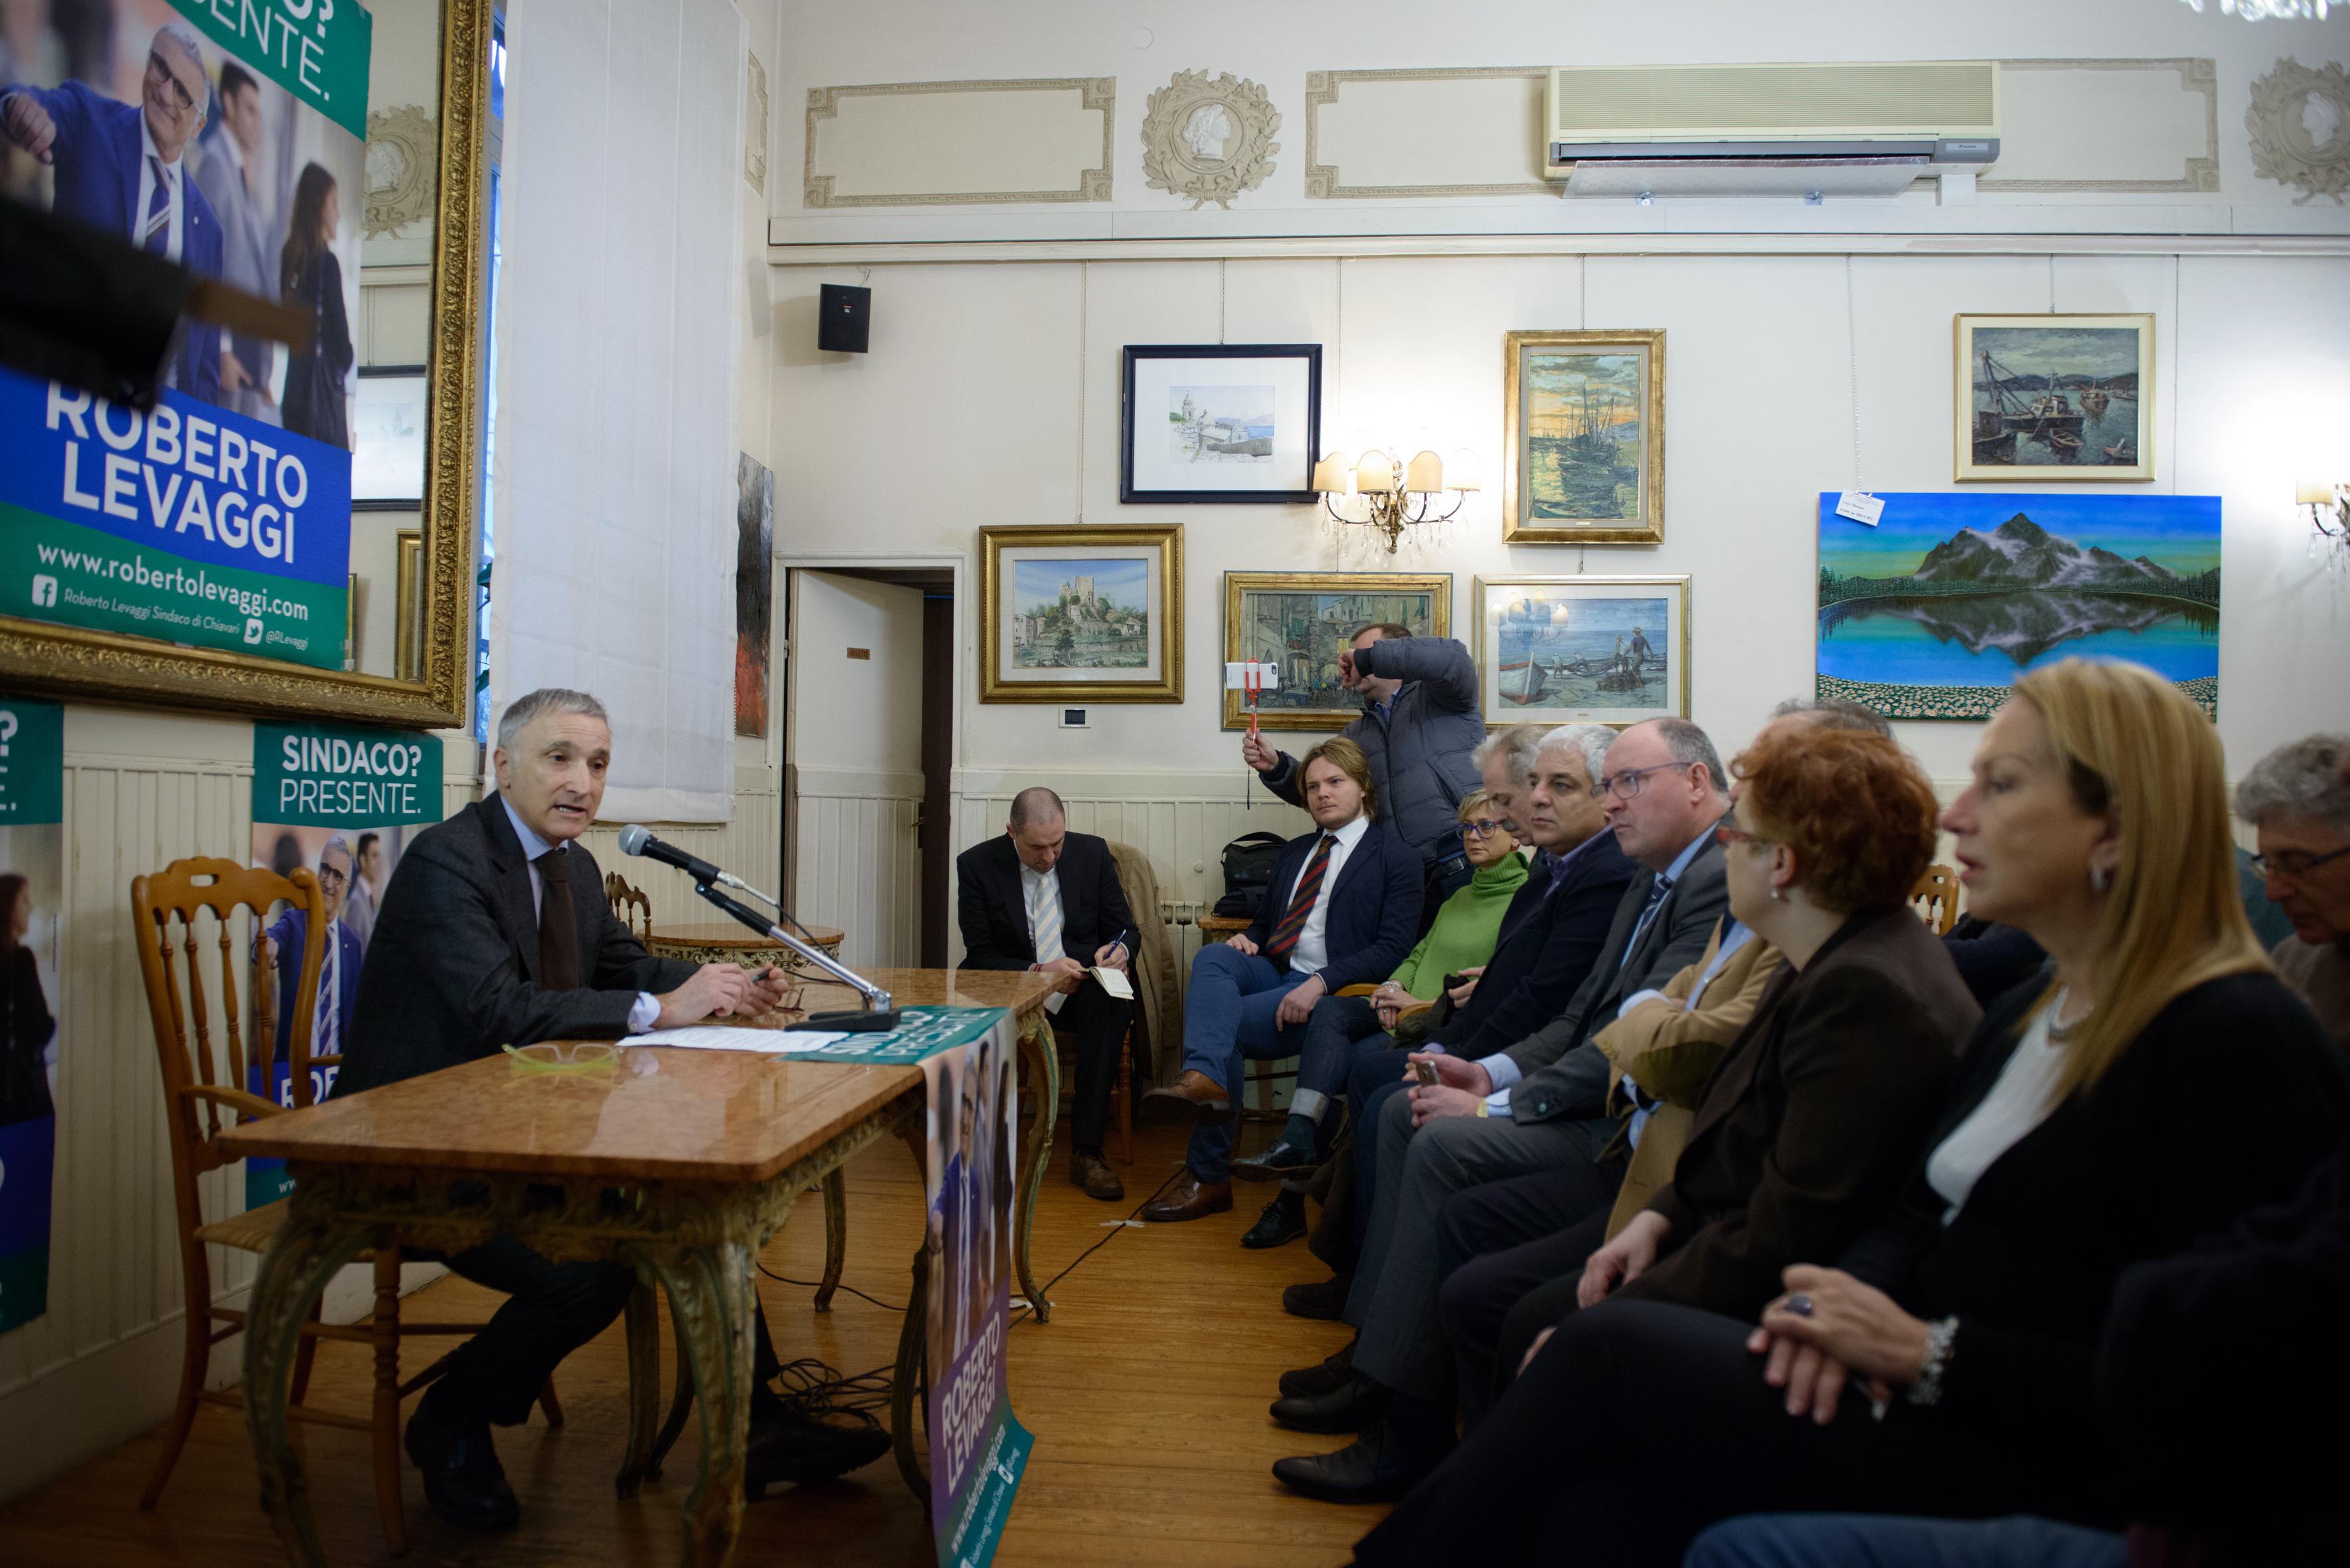 Roberto Levaggi conferenza stampa 03